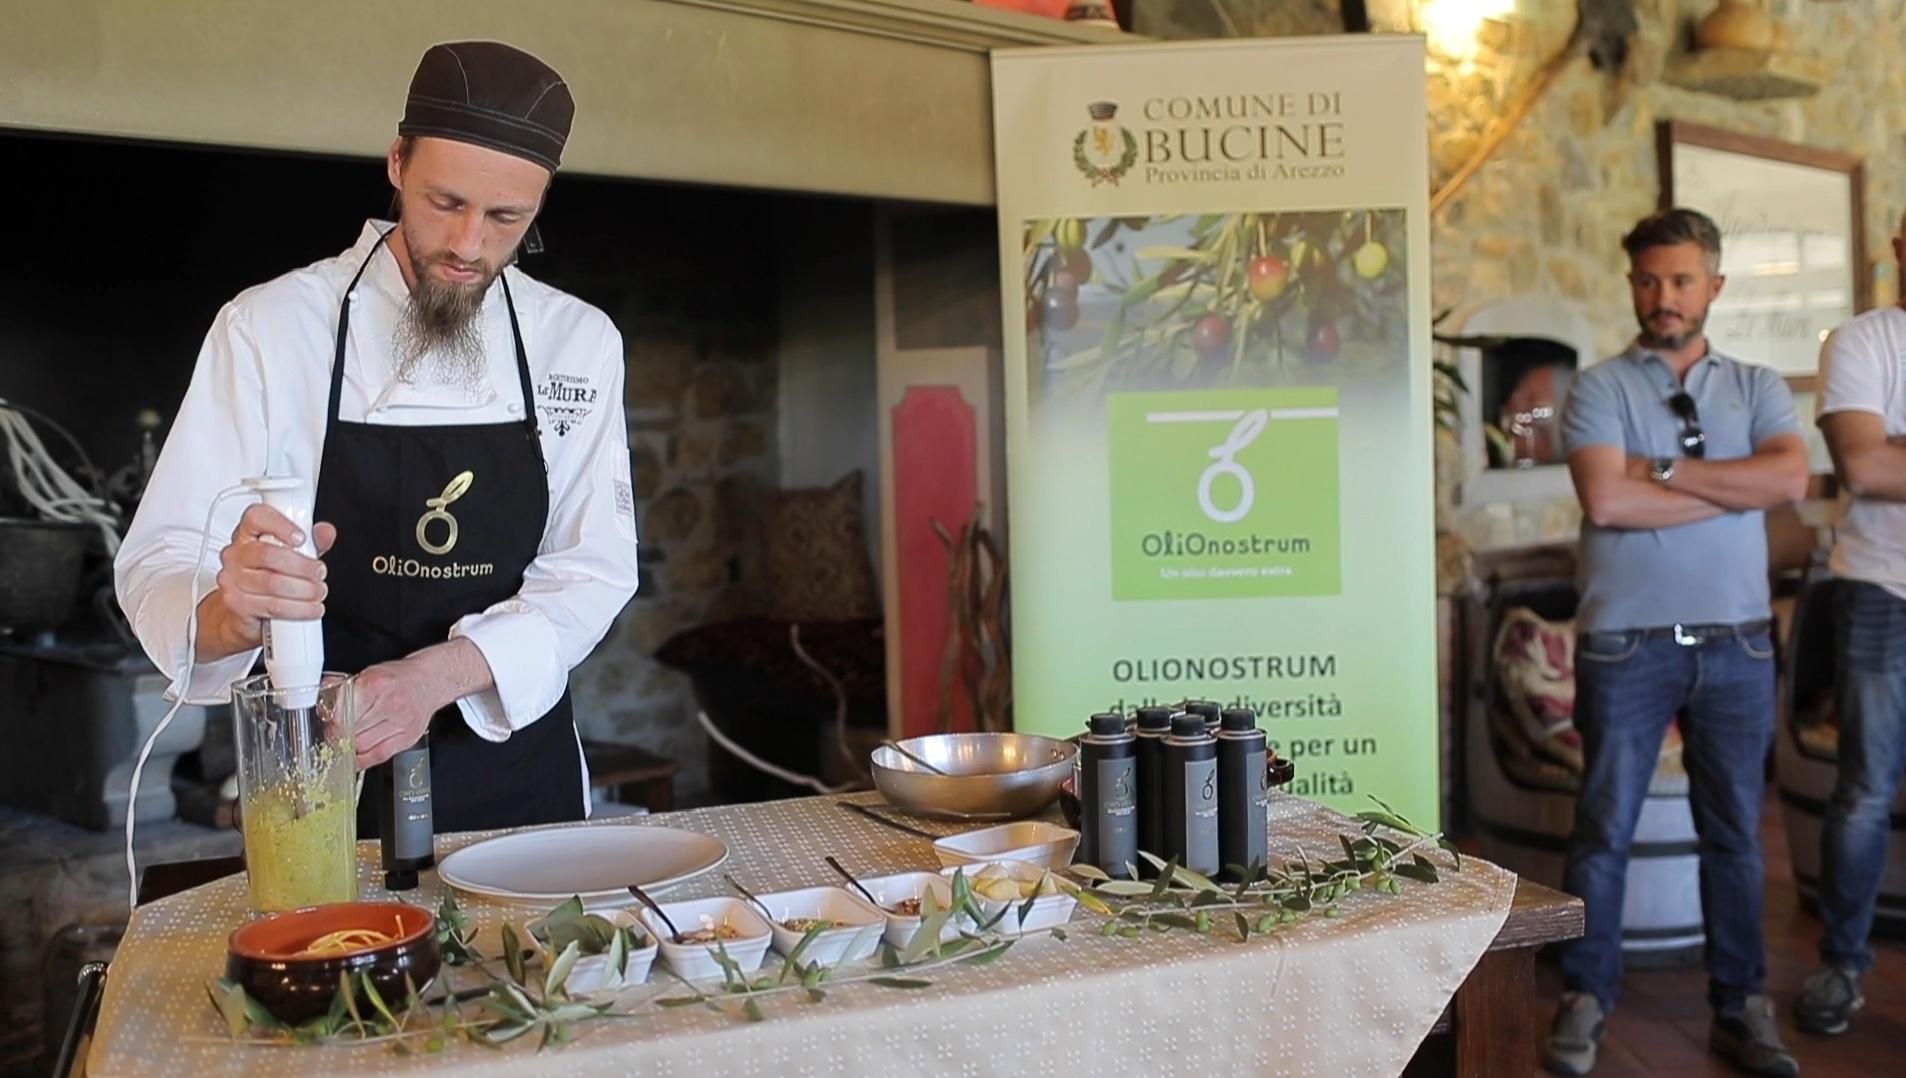 Cuoco sta pestando gli ingredienti per creare il pesto, tavolo con ingredienti